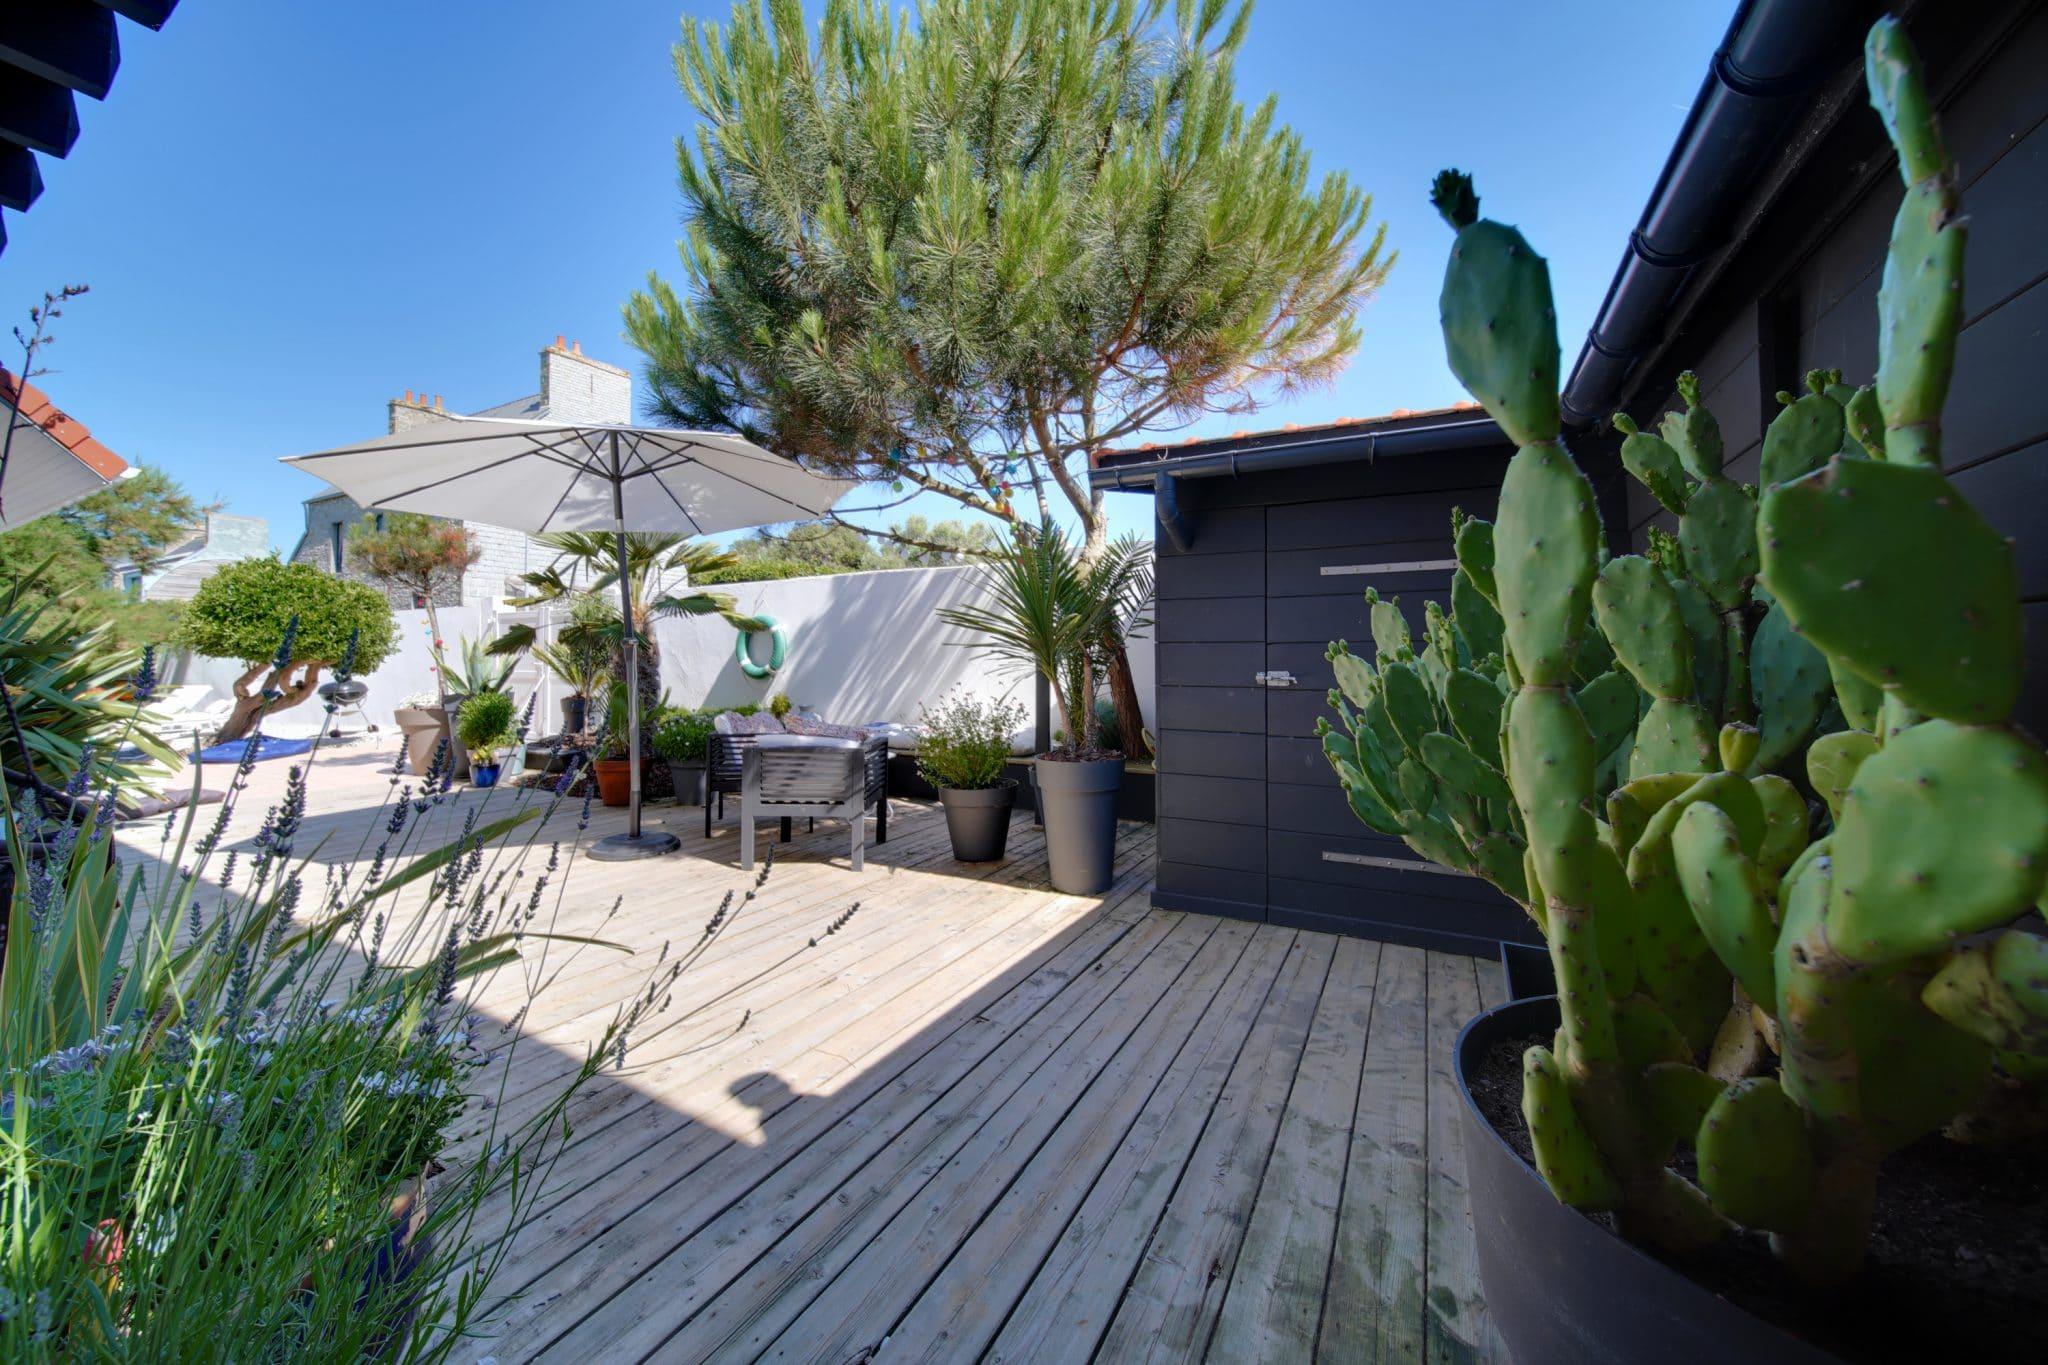 Toit terrasse : Construire et rendre étanche sa terrasse